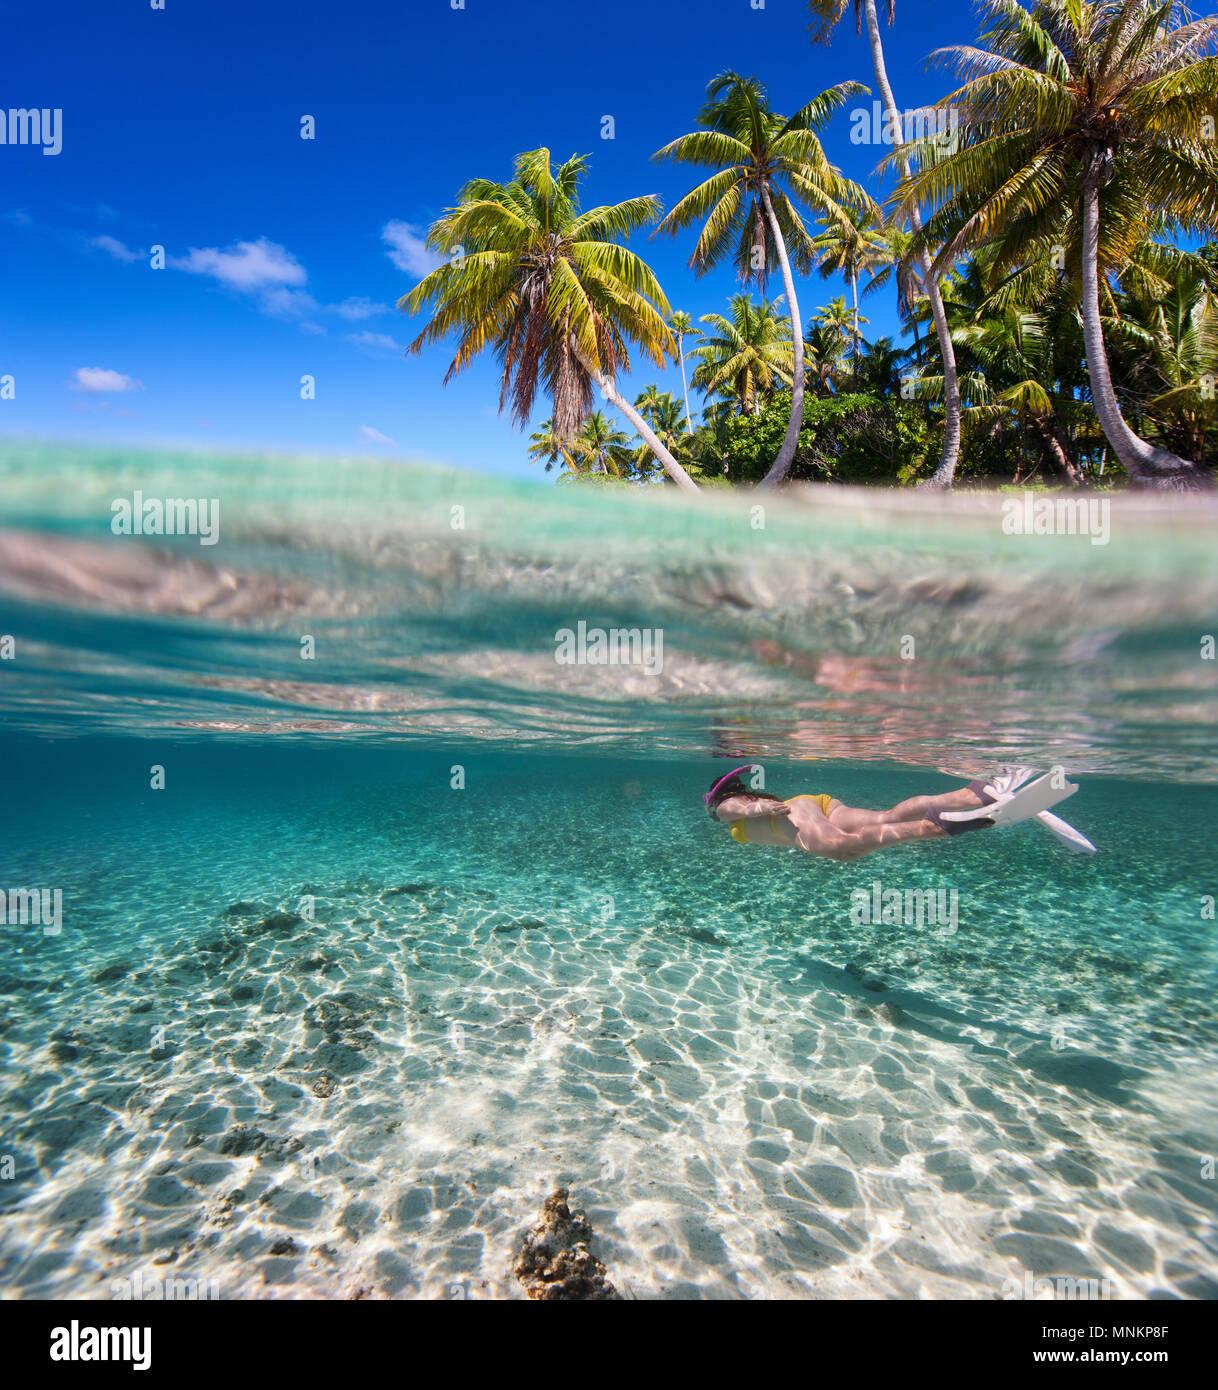 Femme nager sous l'eau claire dans les eaux tropicales, en face de l'île exotique Photo Stock